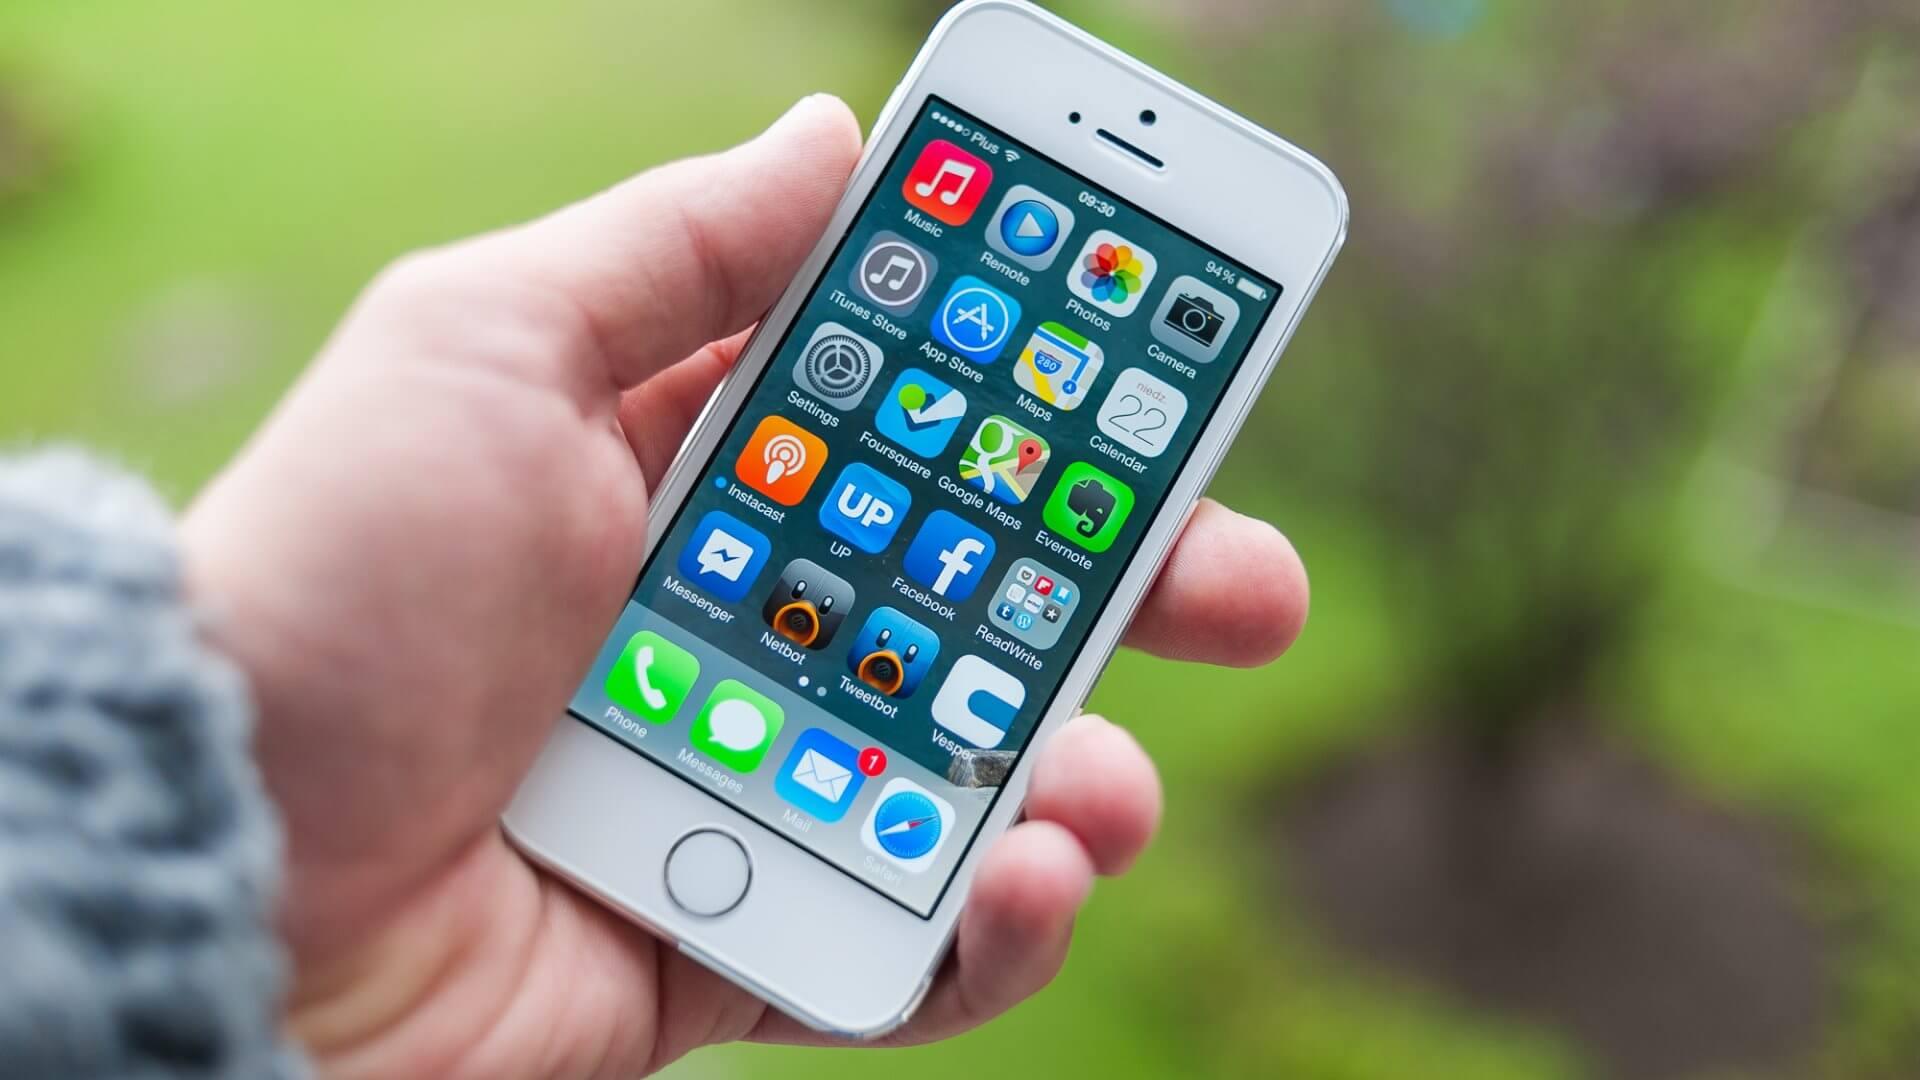 En Malaisie, un magasin propose des iPhone 5S à 50 dollars !